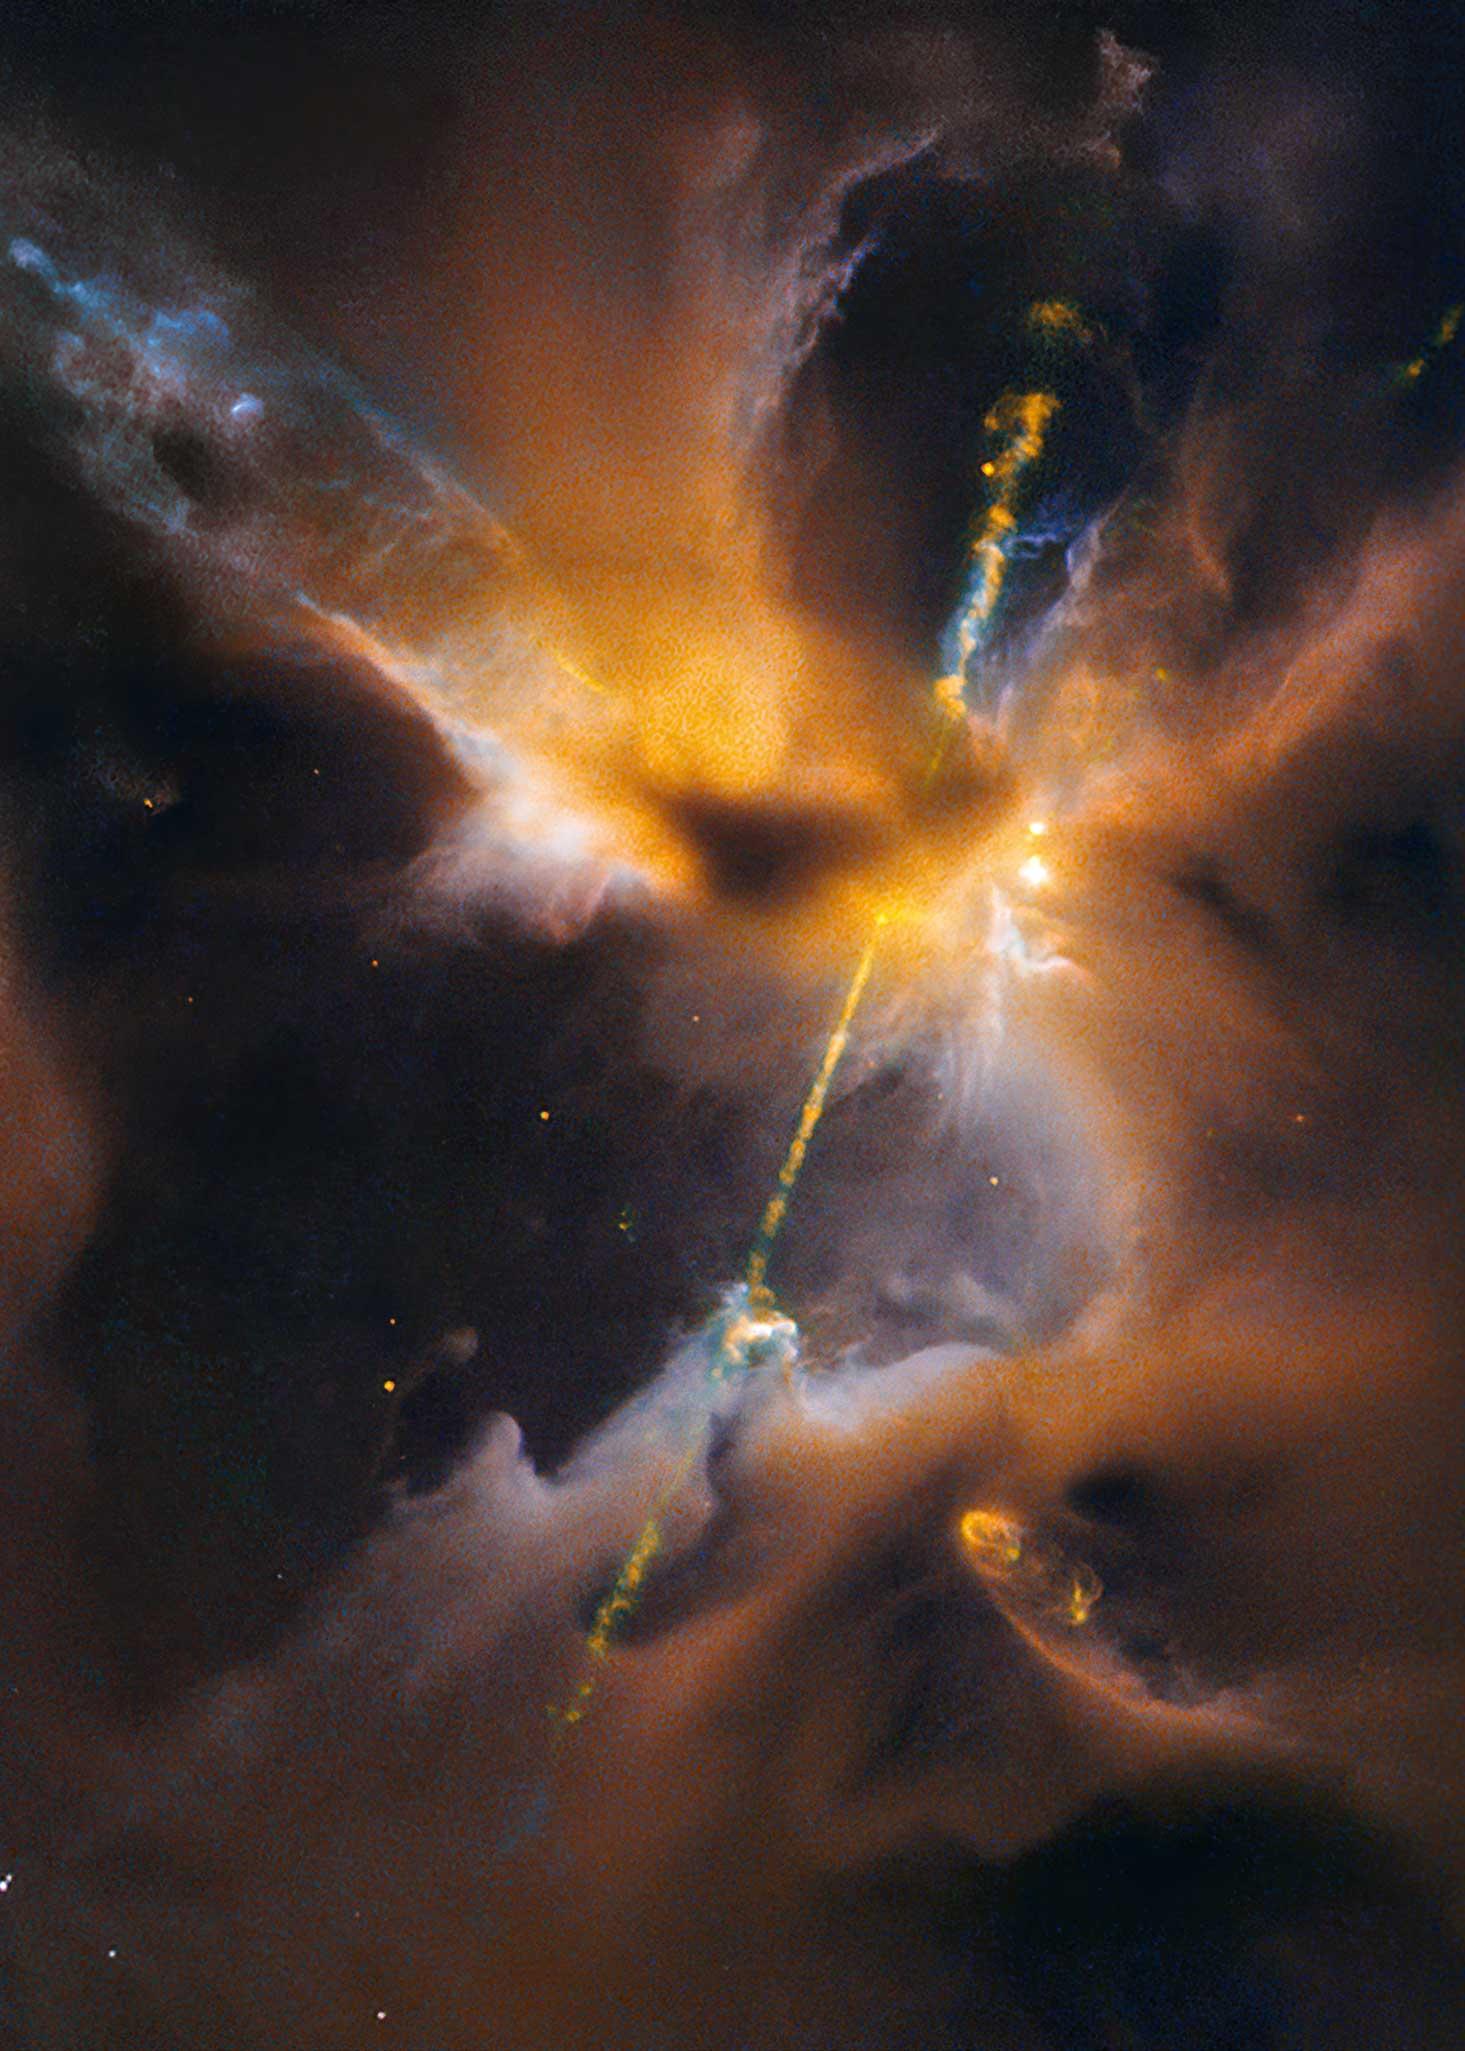 """S. 128 © NASA and ESA; Acknowledgment: NASA, ESA, the Hubble Heritage (STScI/AURA)/Hubble-Europe (ESA) Collaboration, D. Padgett (GSFC), T. Megeath (University of Toledo), and B. Reipurth (University of Hawaii) Pünktlich zum Kinostart des Films """"Star Wars: Episode VII – Das Erwachen der Macht"""" hat das Hubble-Weltraumteleskop einen Jet fotografiert, der wie ein kosmisches zweischneidiges Lichtschwert aussieht und am inneren Rand einer Staubscheibe um einen jungen Stern entsteht. Es ist das Herbig-Haro-Objekt HH 24 und liegt 1350 Lichtjahre von uns entfernt"""